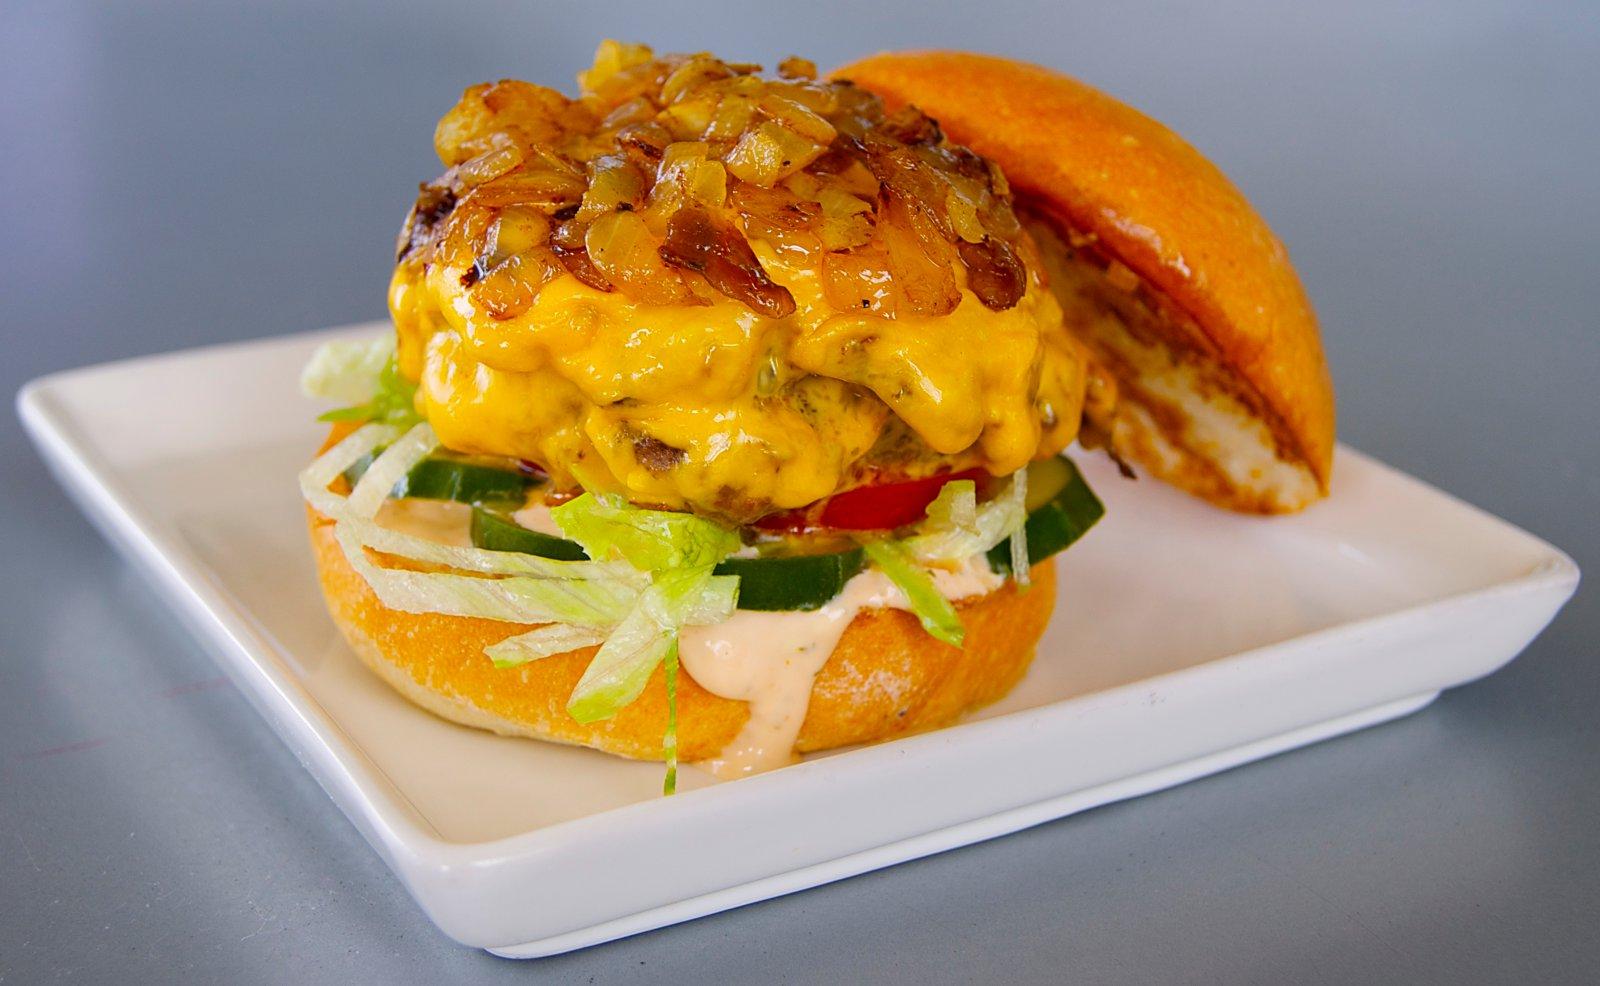 A Review of Flip Burger Boutique - Sherrelle